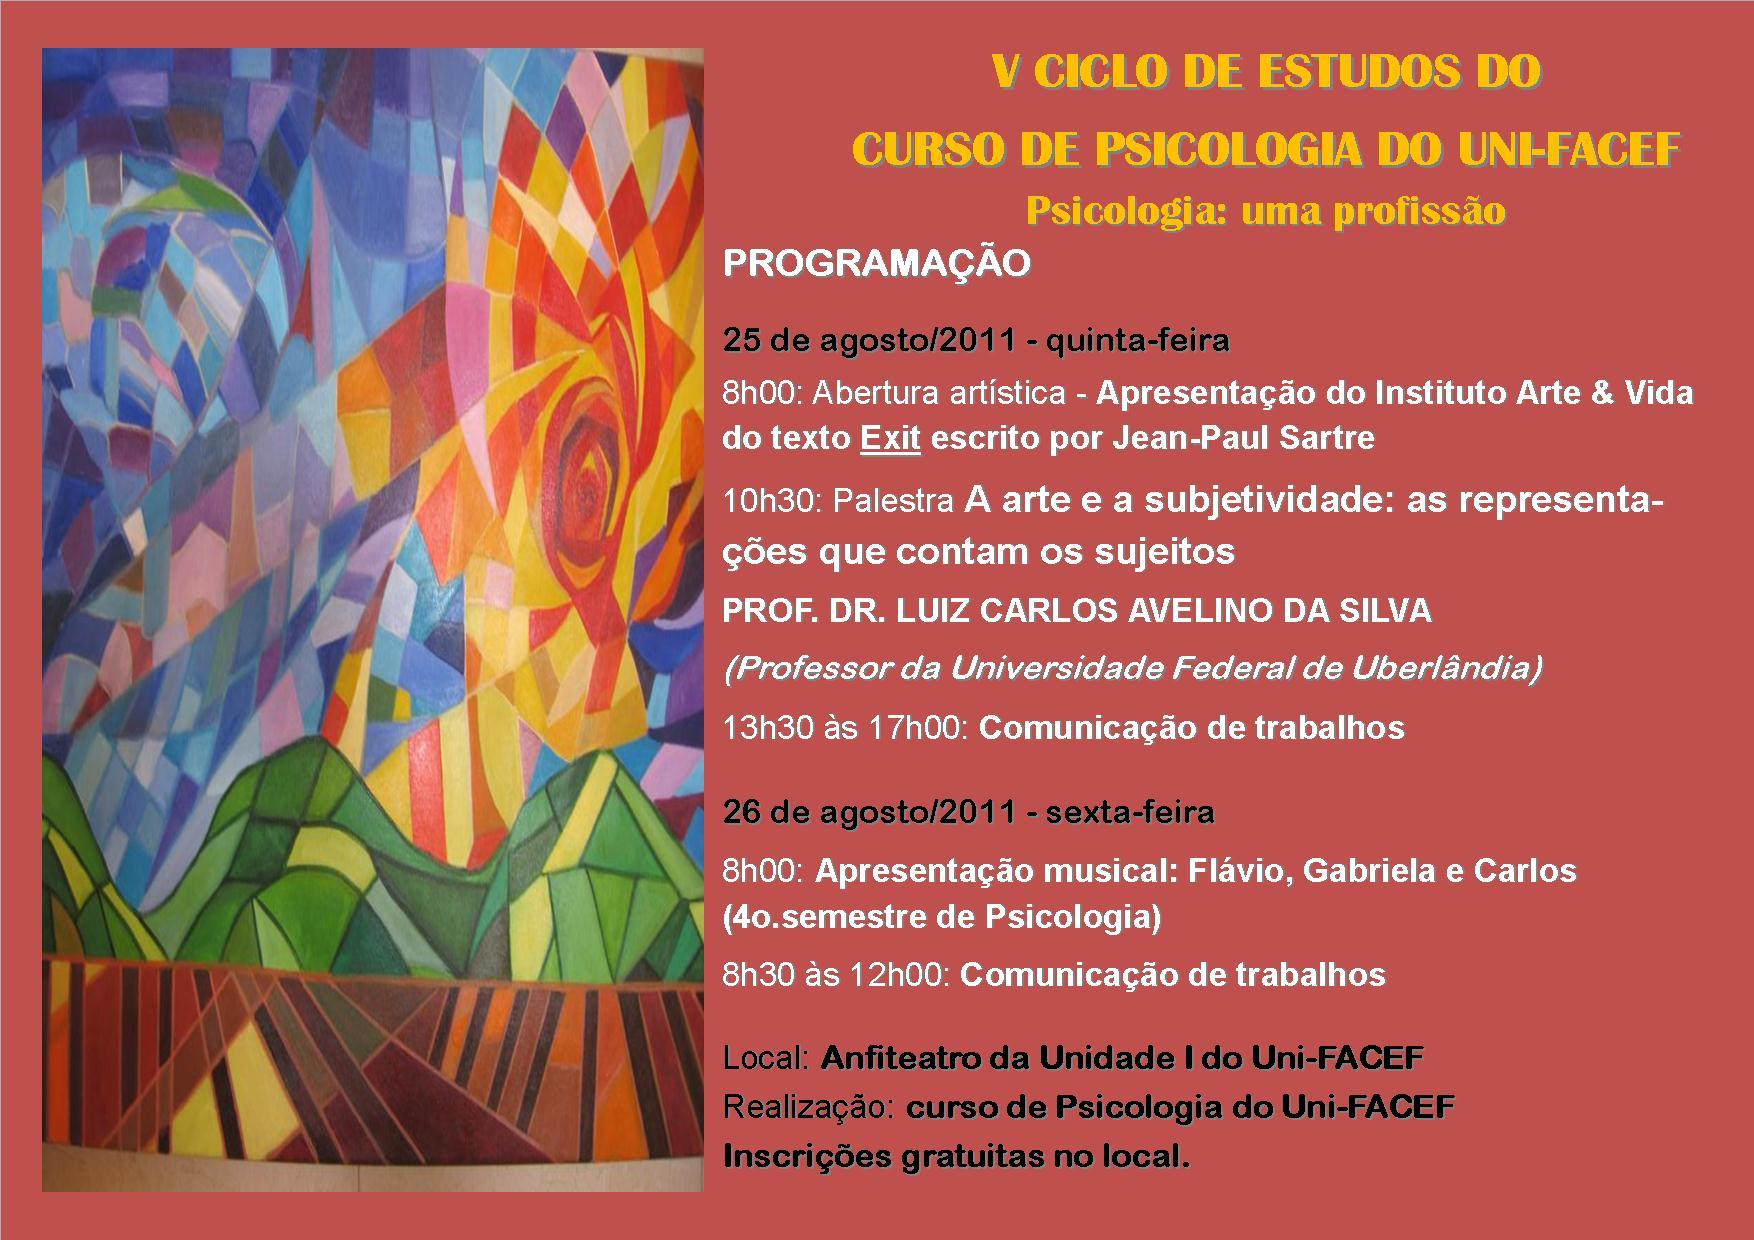 V Ciclo de Estudos do Curso de Psicologia do Uni-FACEF